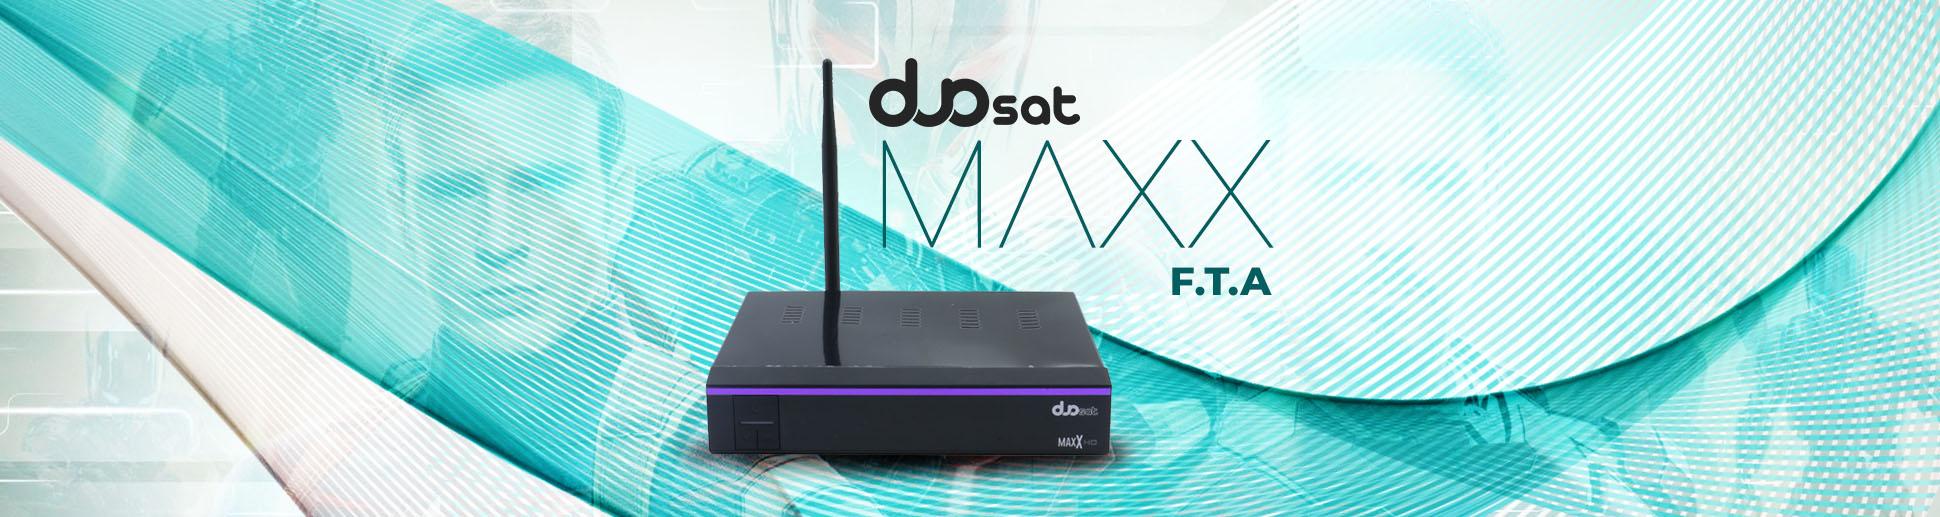 Duosat Max HD